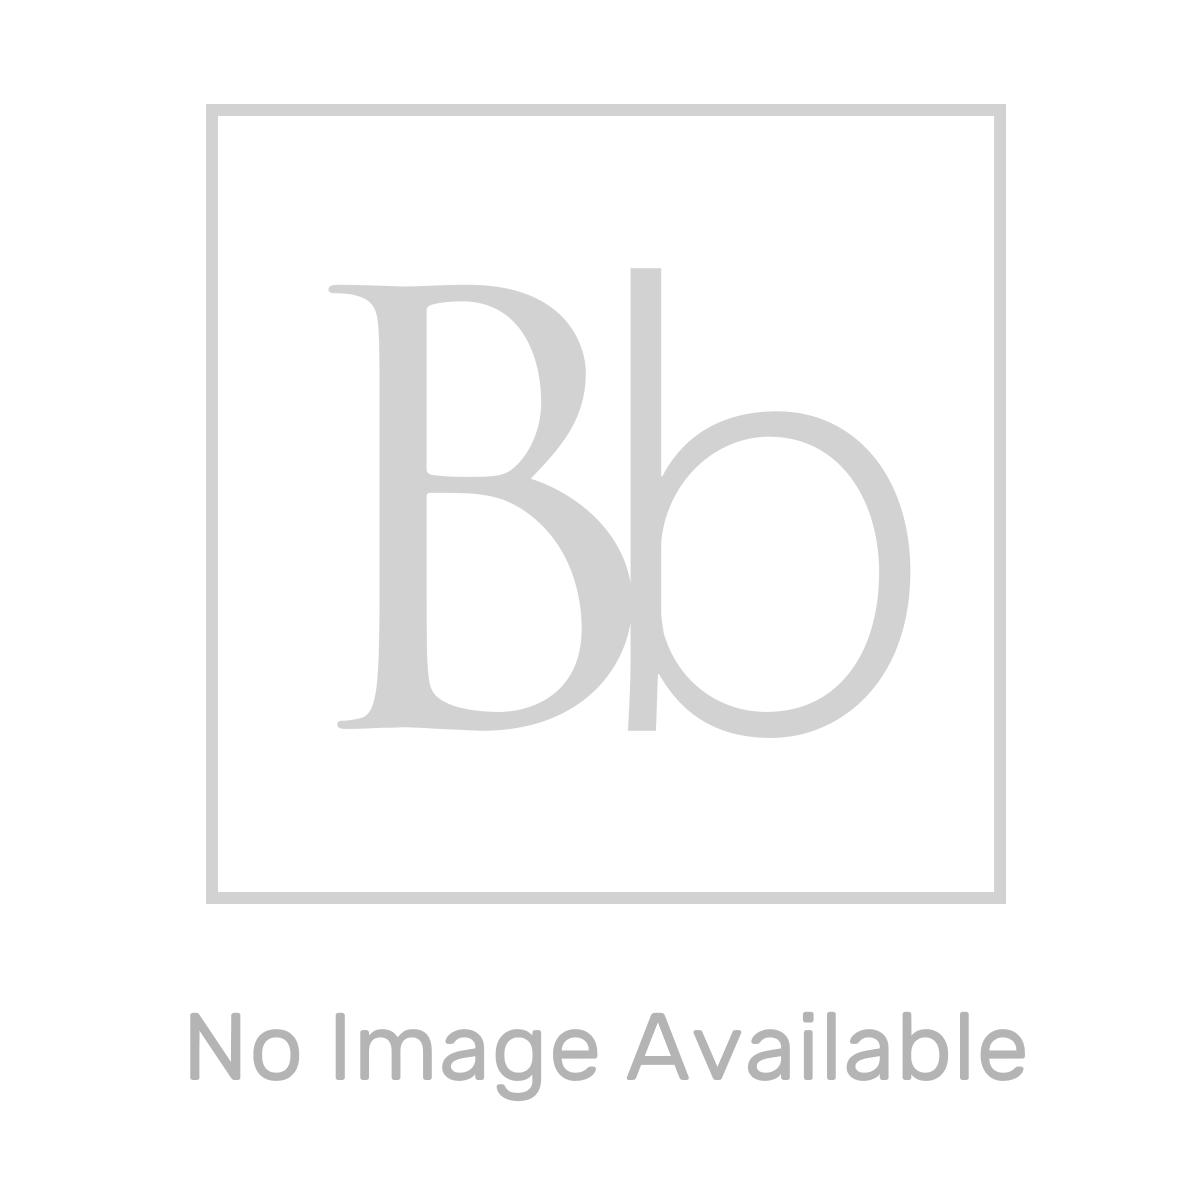 HiB Natalia LED Back-Lit Bathroom Mirror